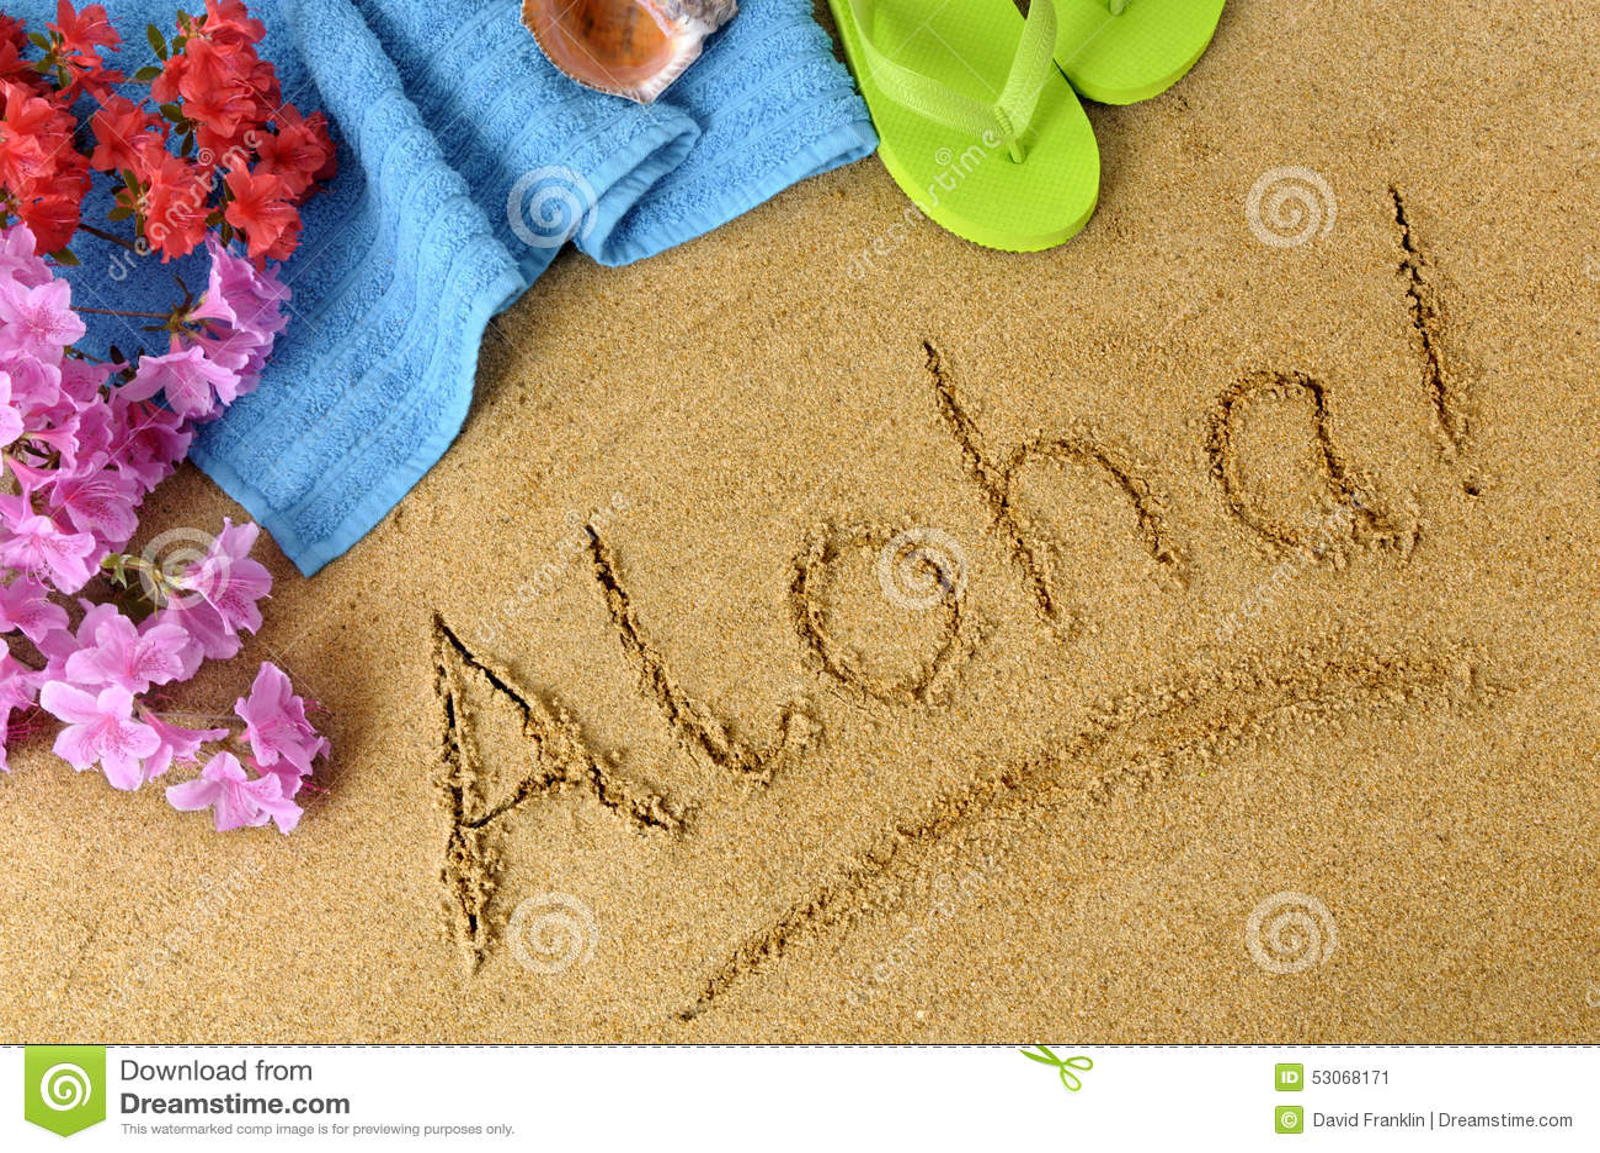 free aloha porn